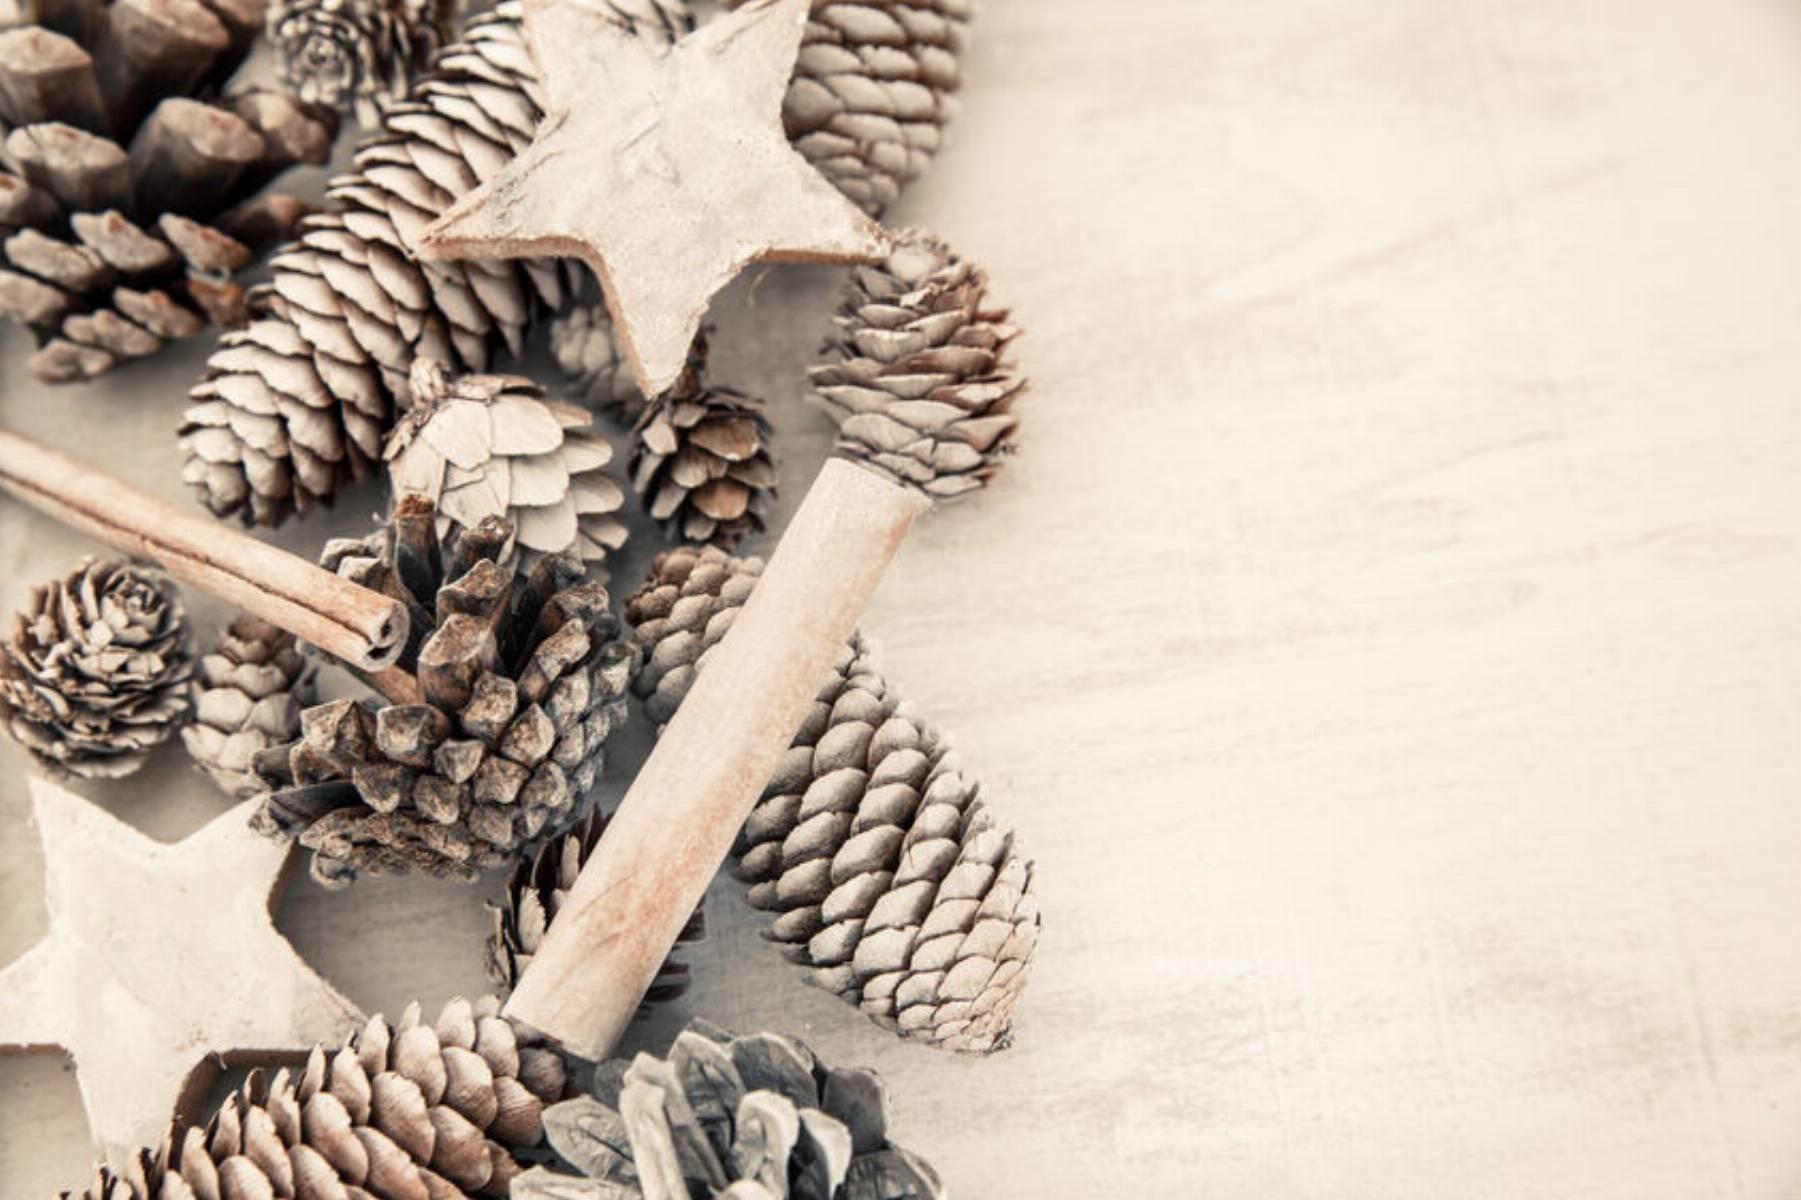 0-pomysly-na-wlasnorecznie-wykonane-dekoracje-castorama-23_m-1